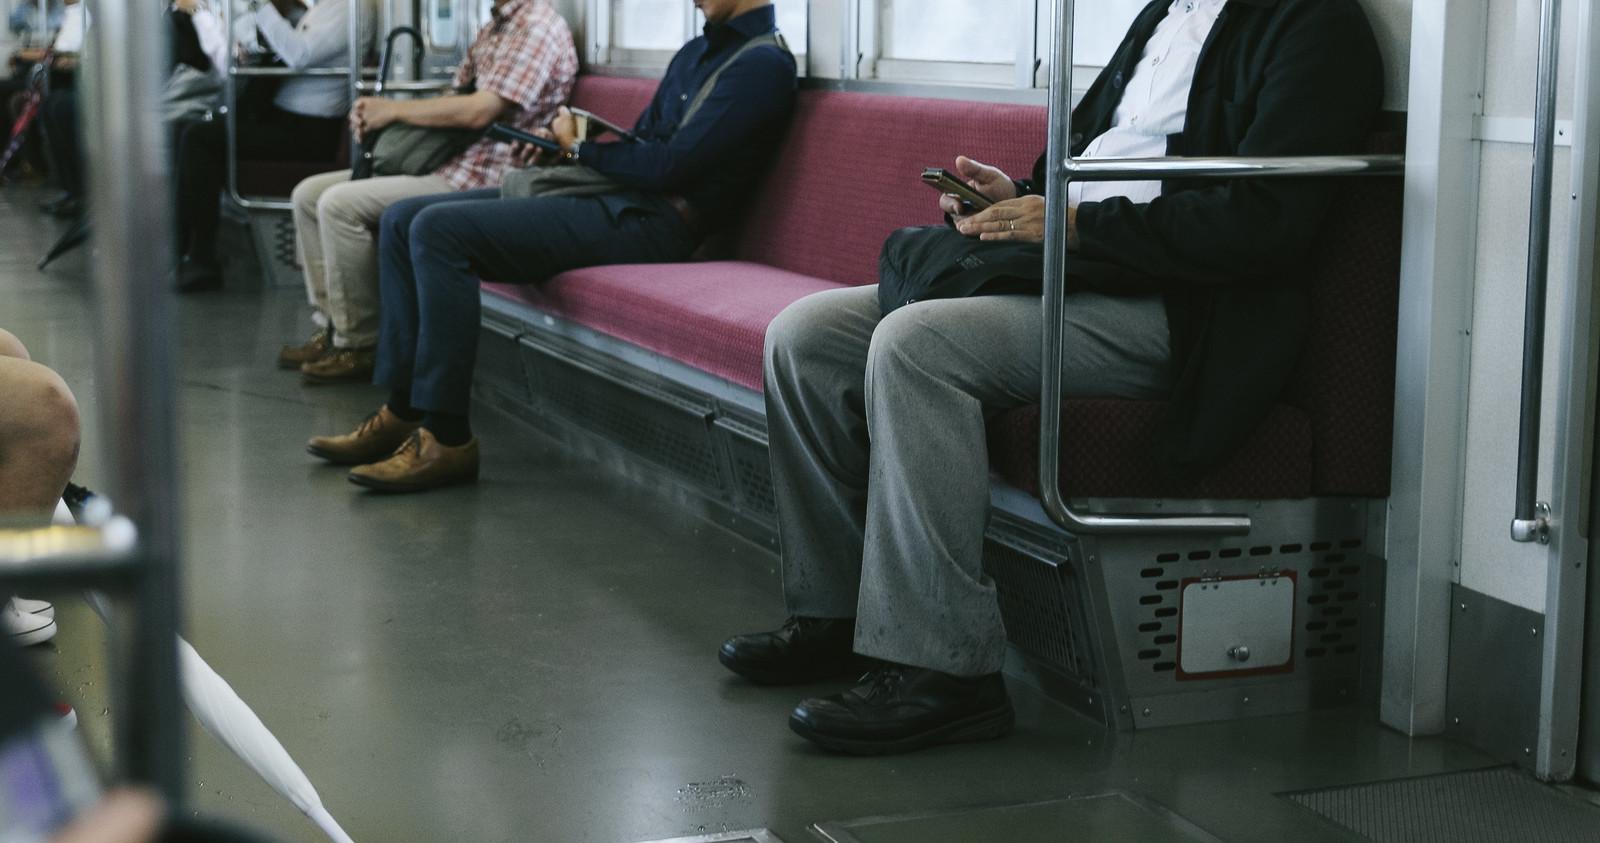 電車 車内 暇 暇つぶし 1人 通勤 通学